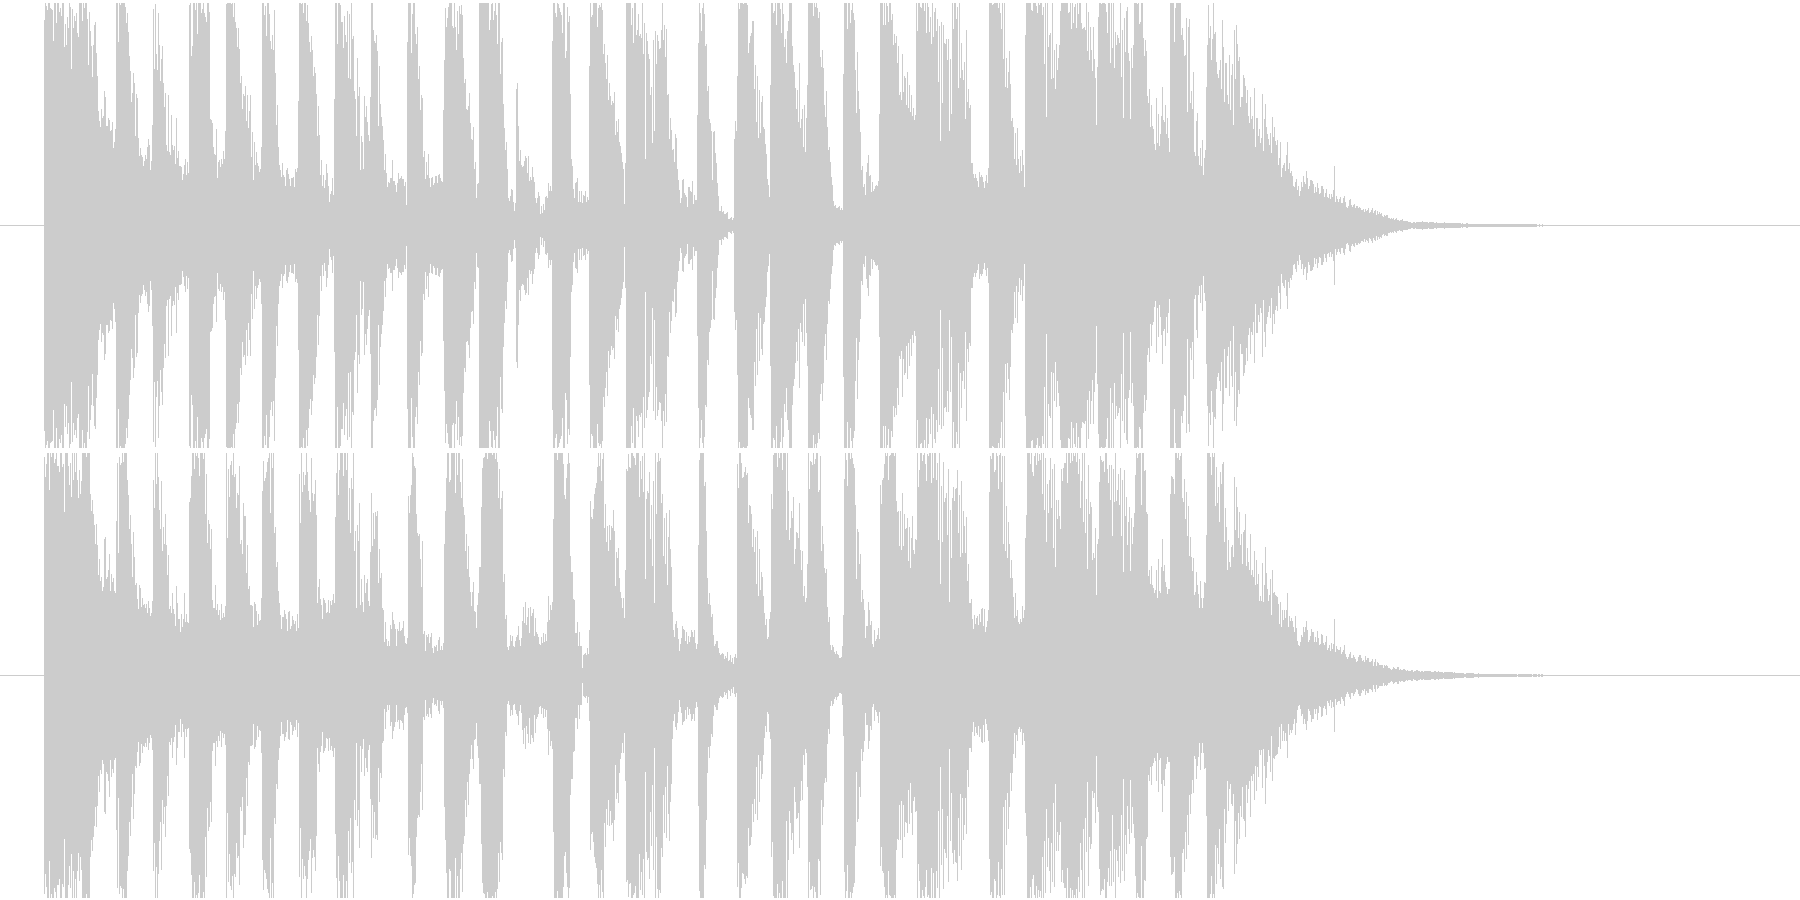 【ジングル】どっしり&ビッグビート調の曲の未再生の波形